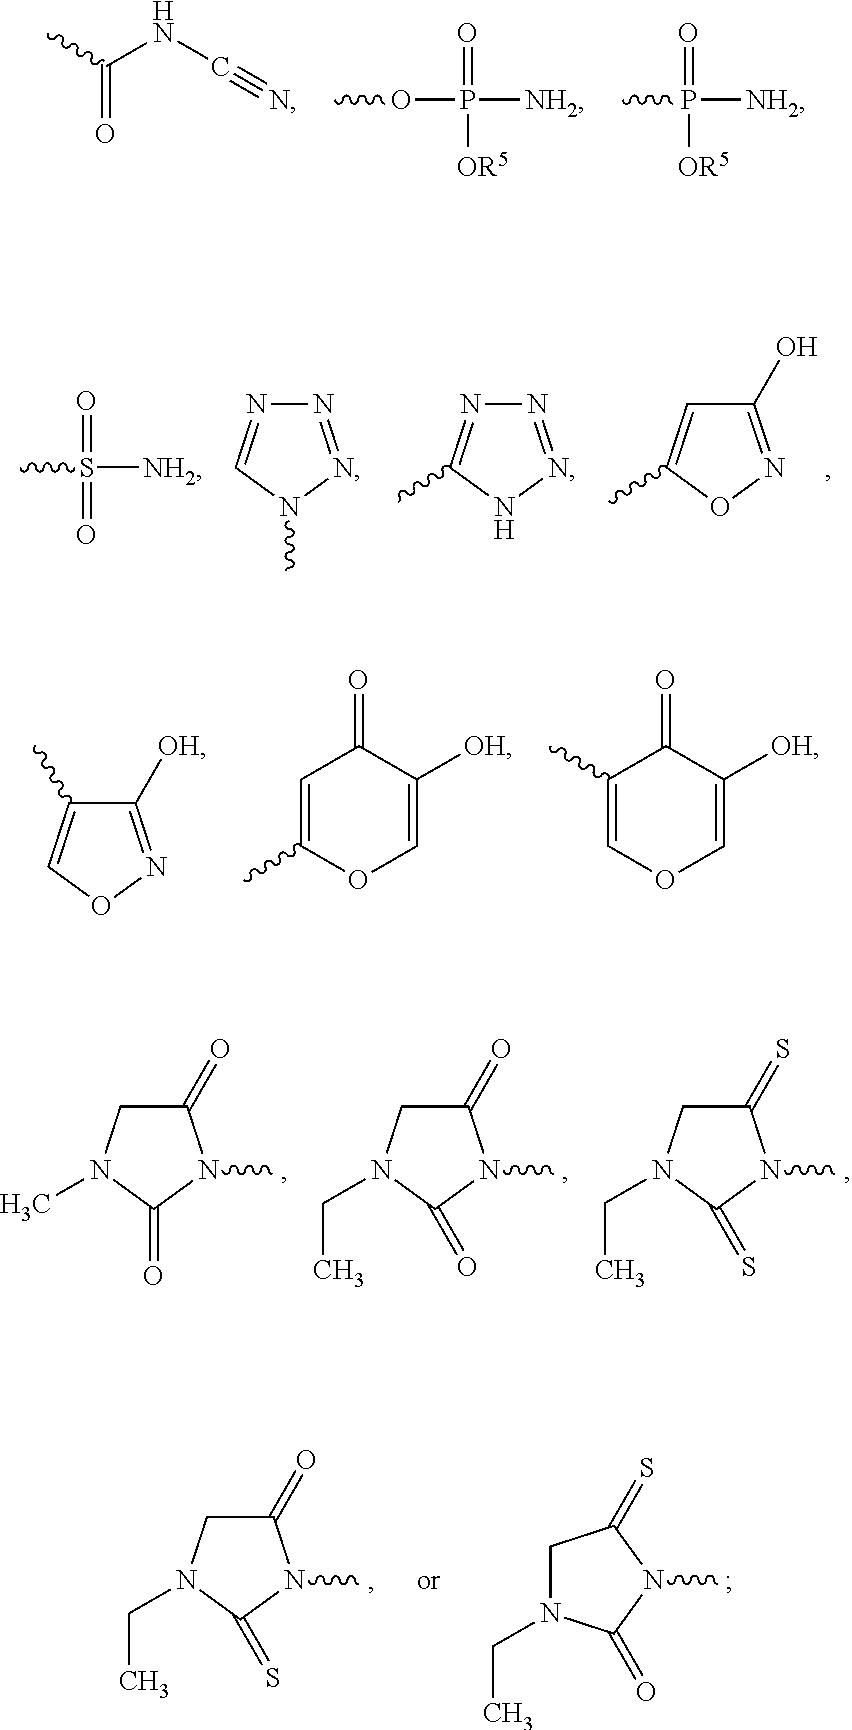 Figure US09662307-20170530-C00040